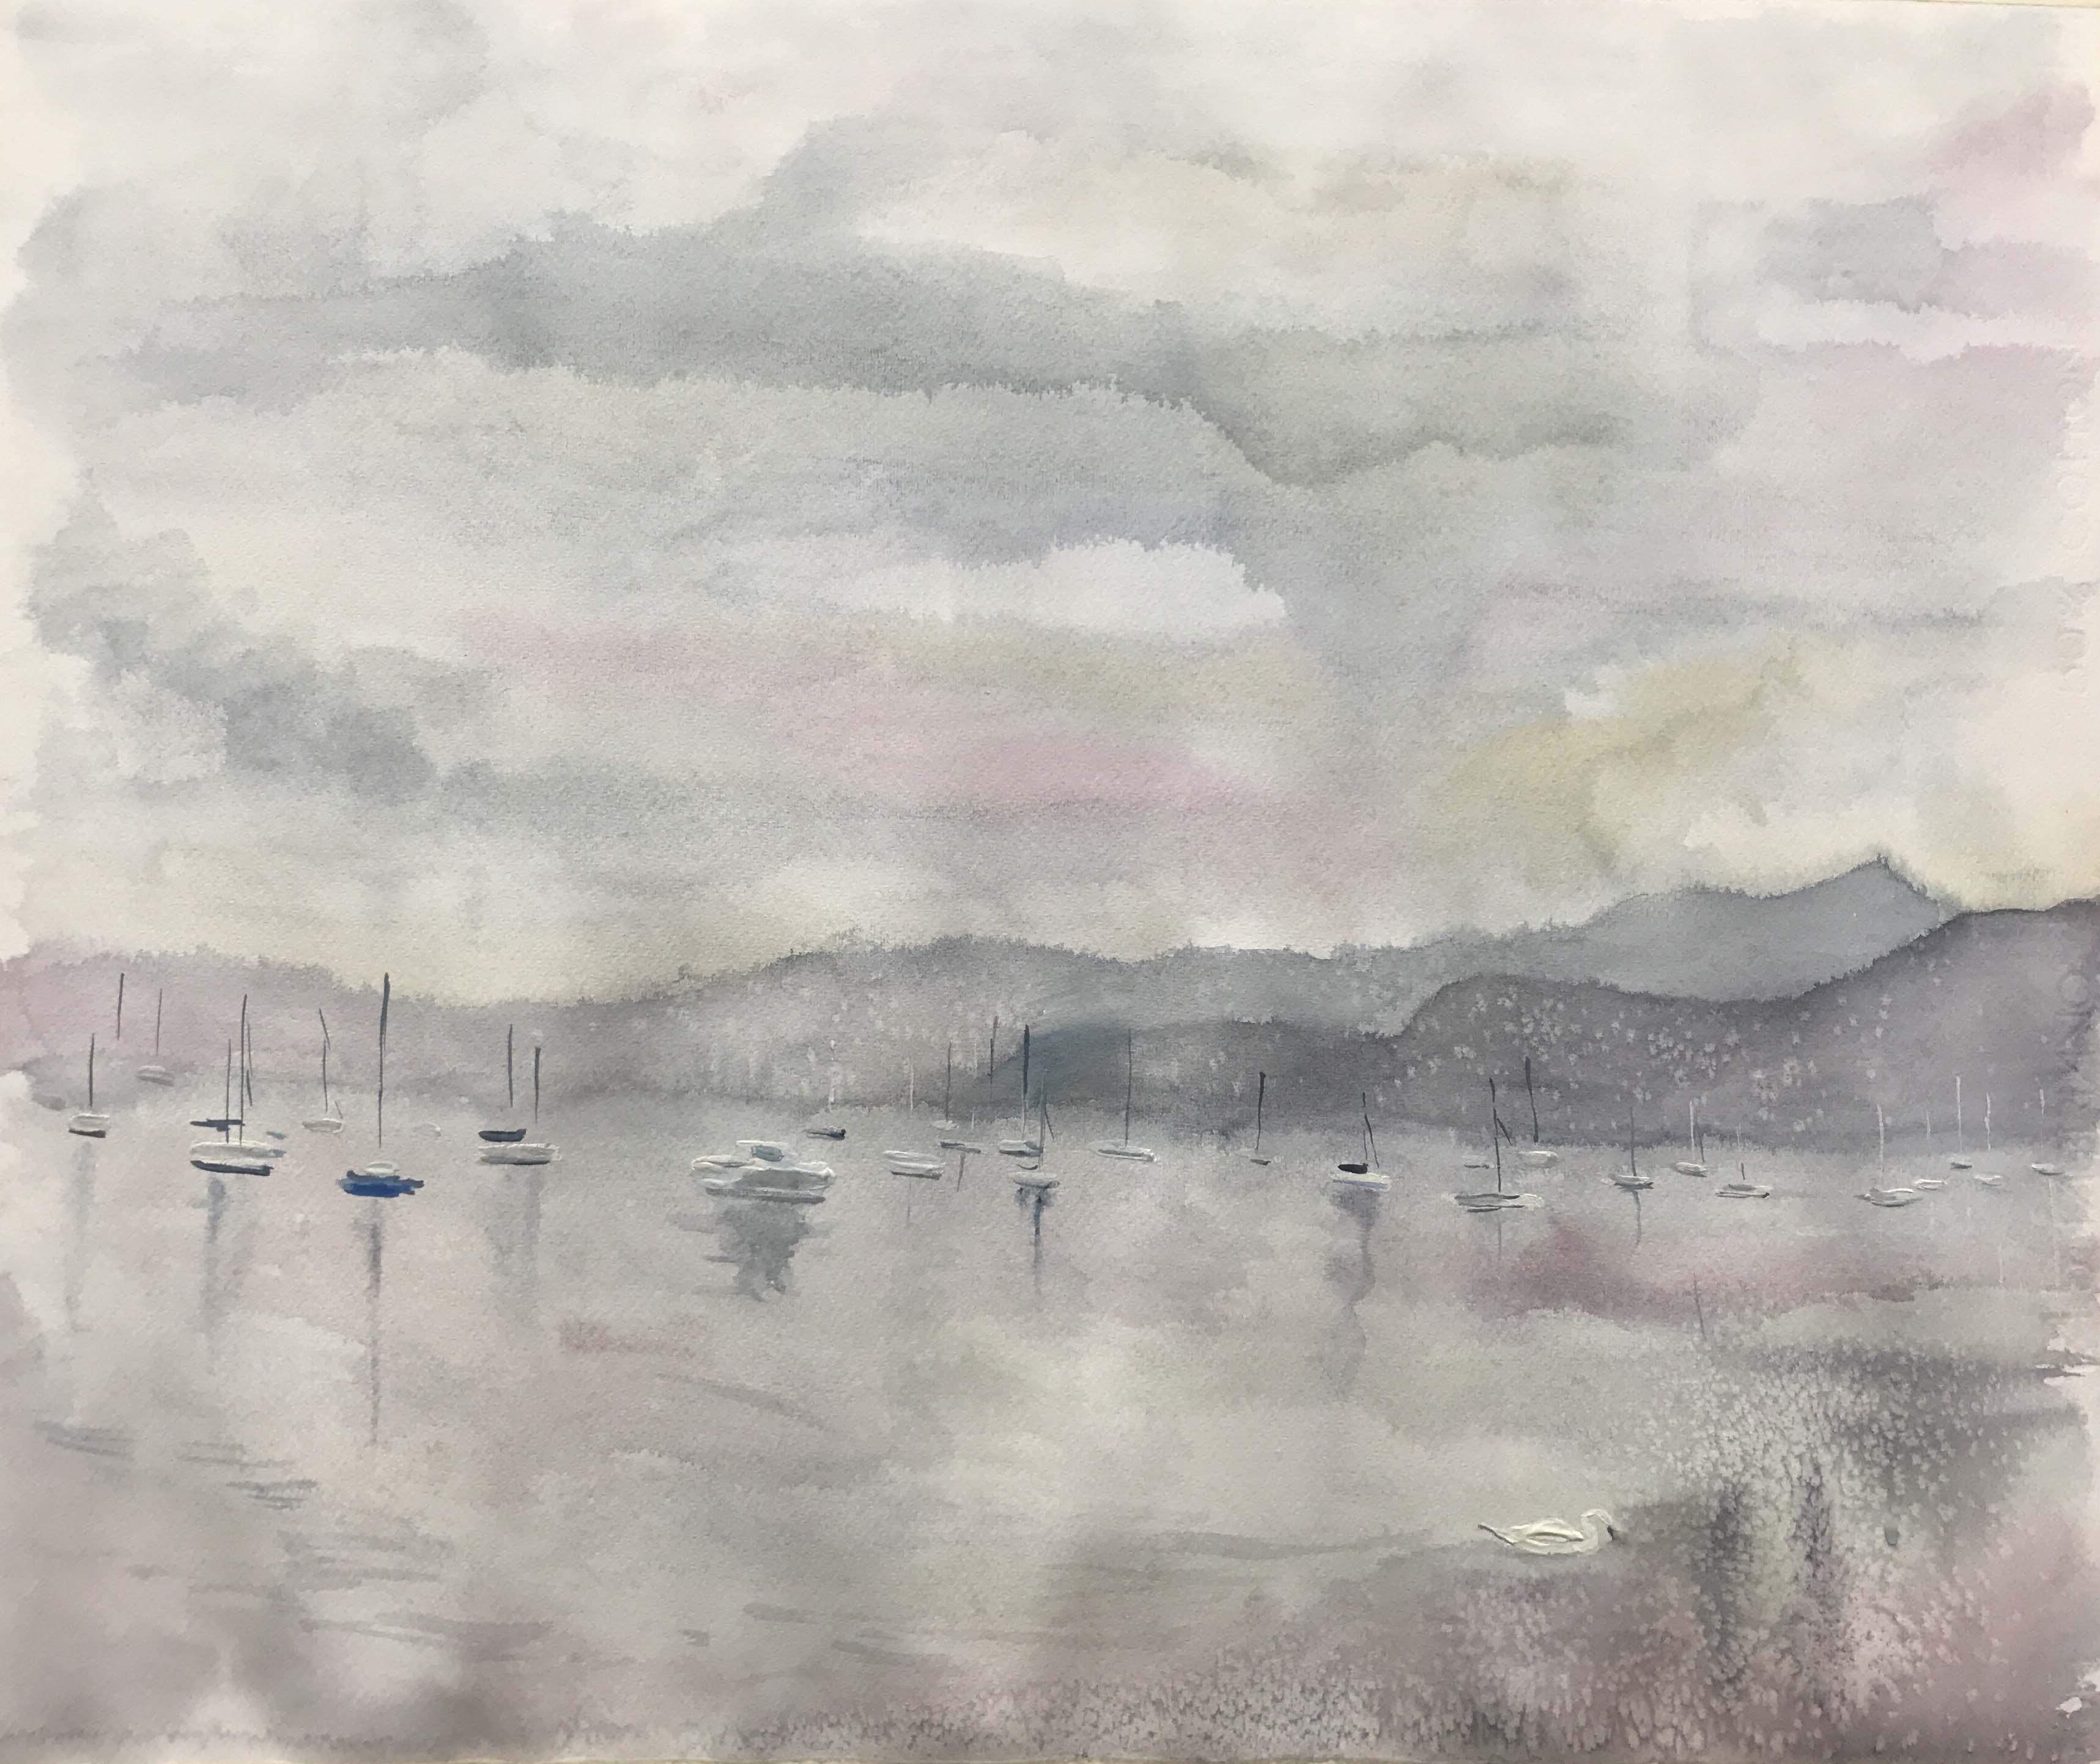 Garda Lake on January